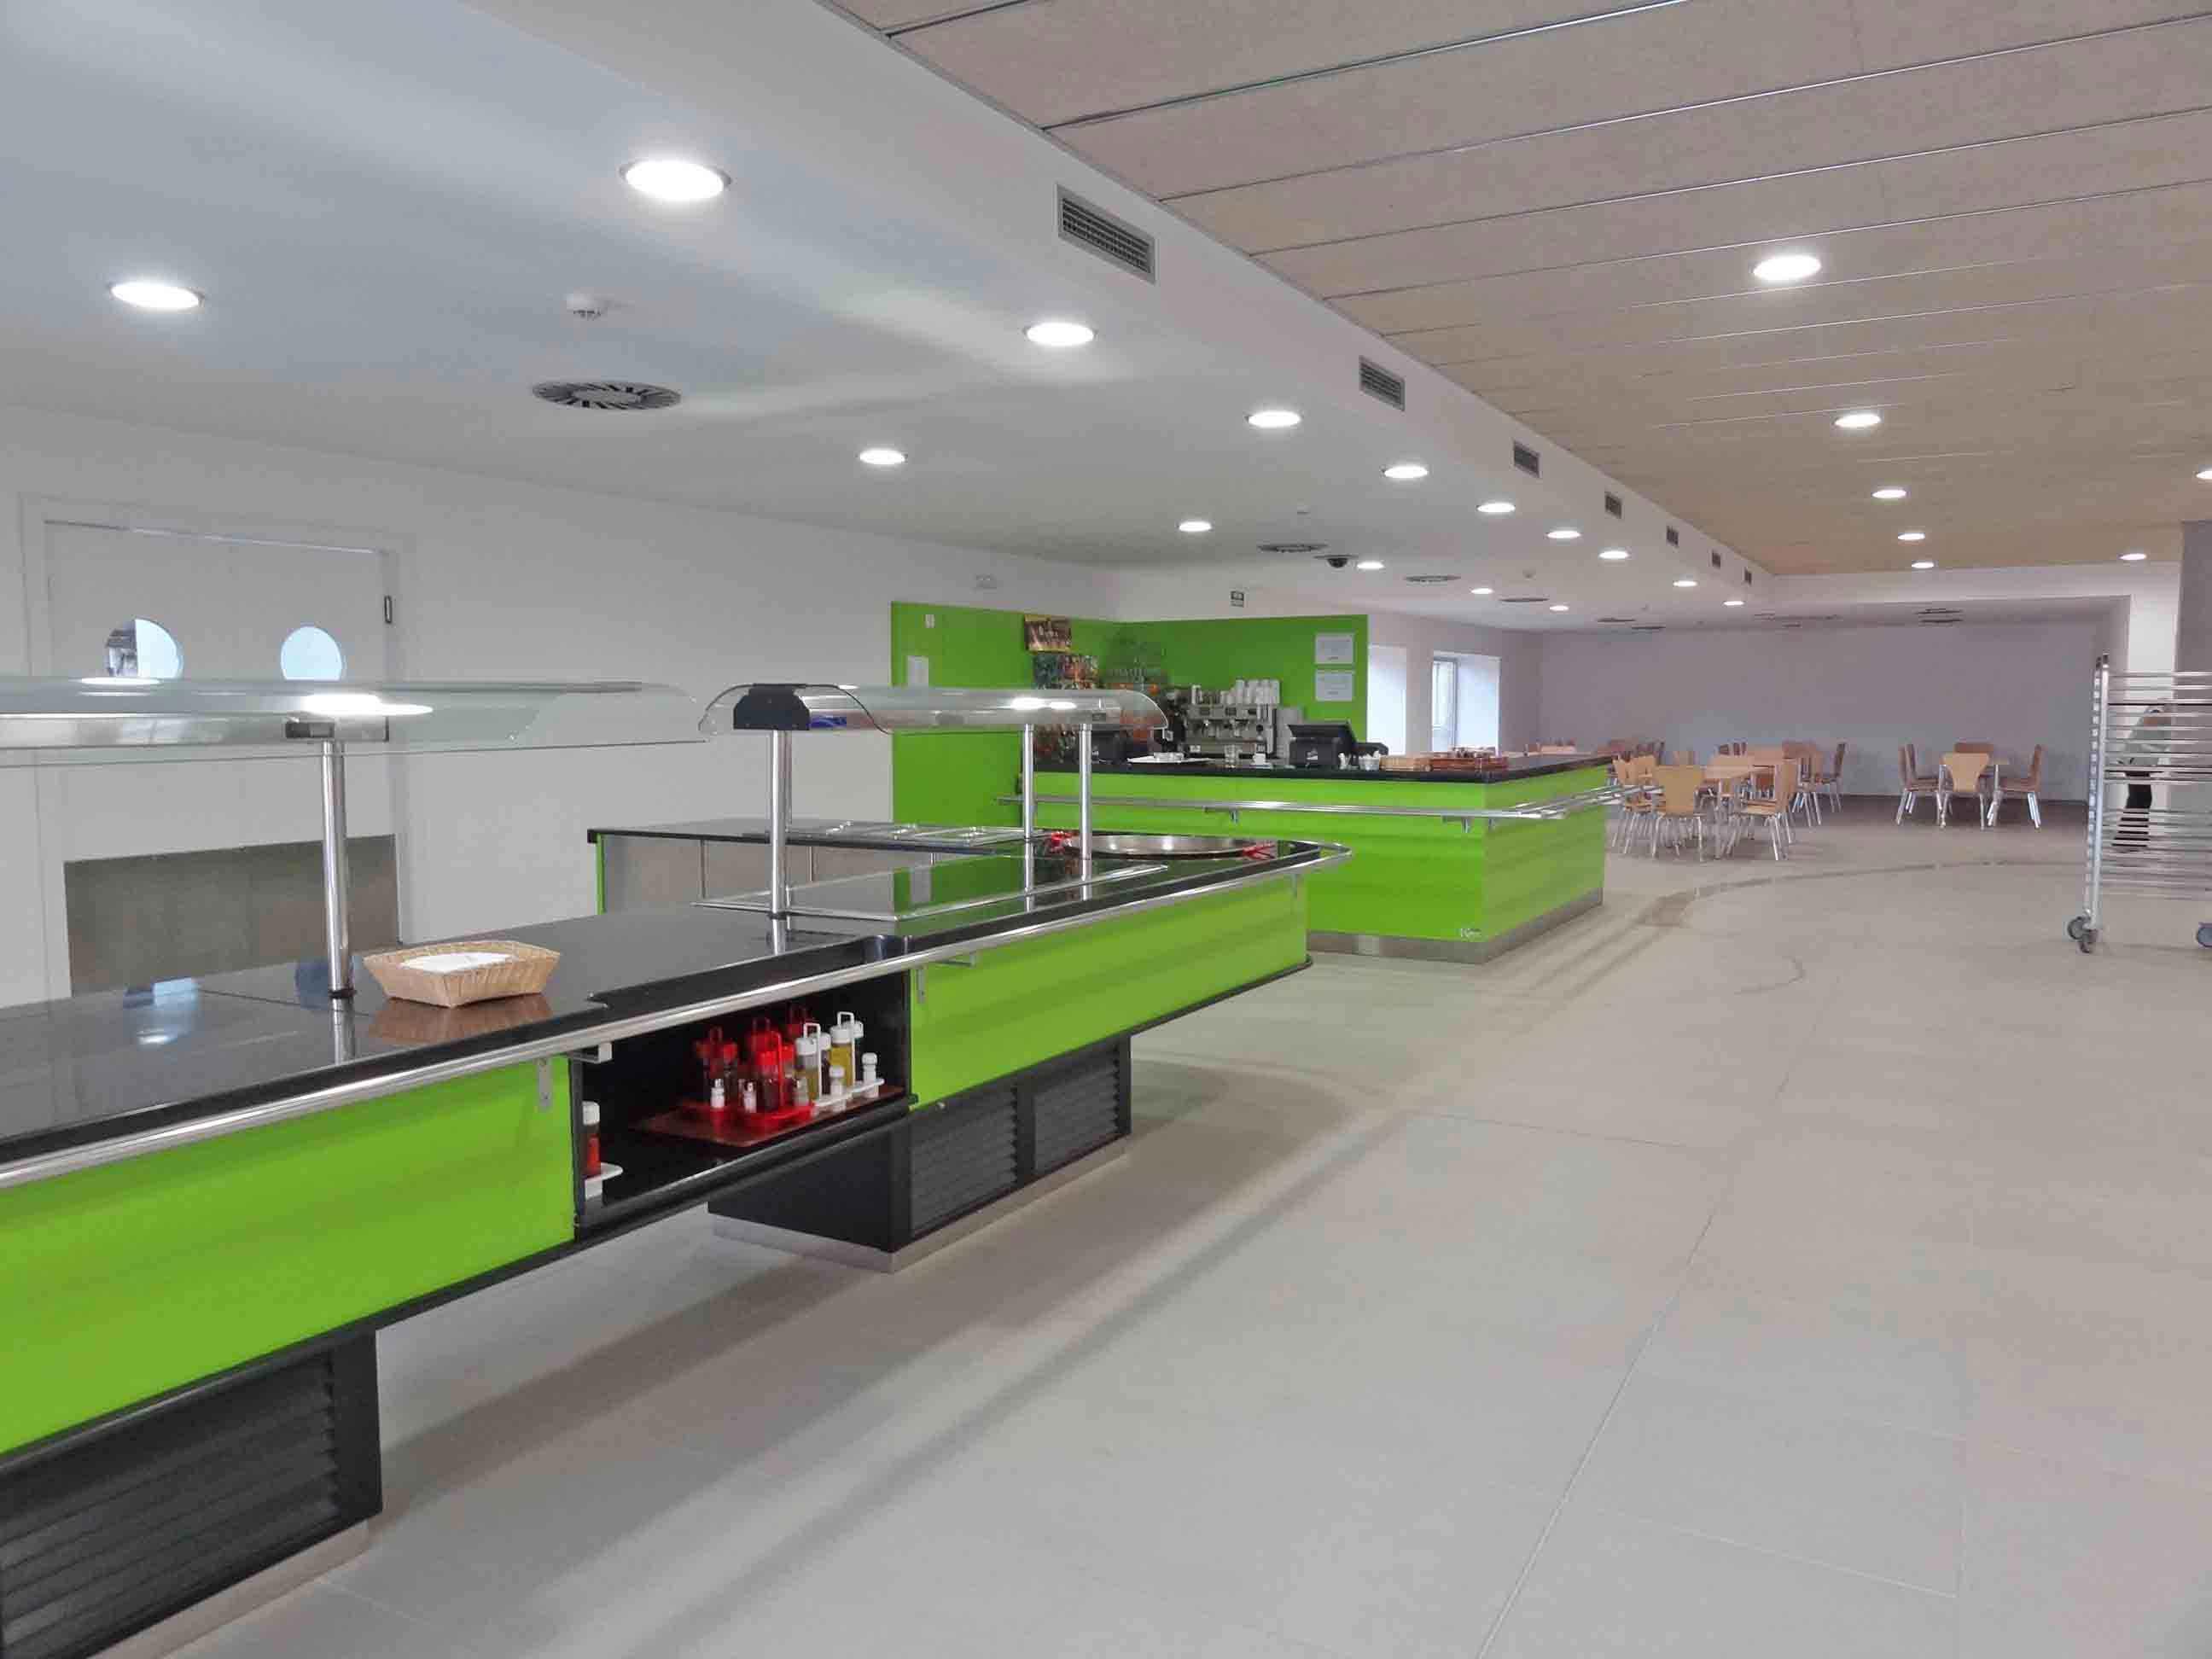 04-CAFETERIA-INEFC-2011-11-07-obra-acabada-(4).jpg